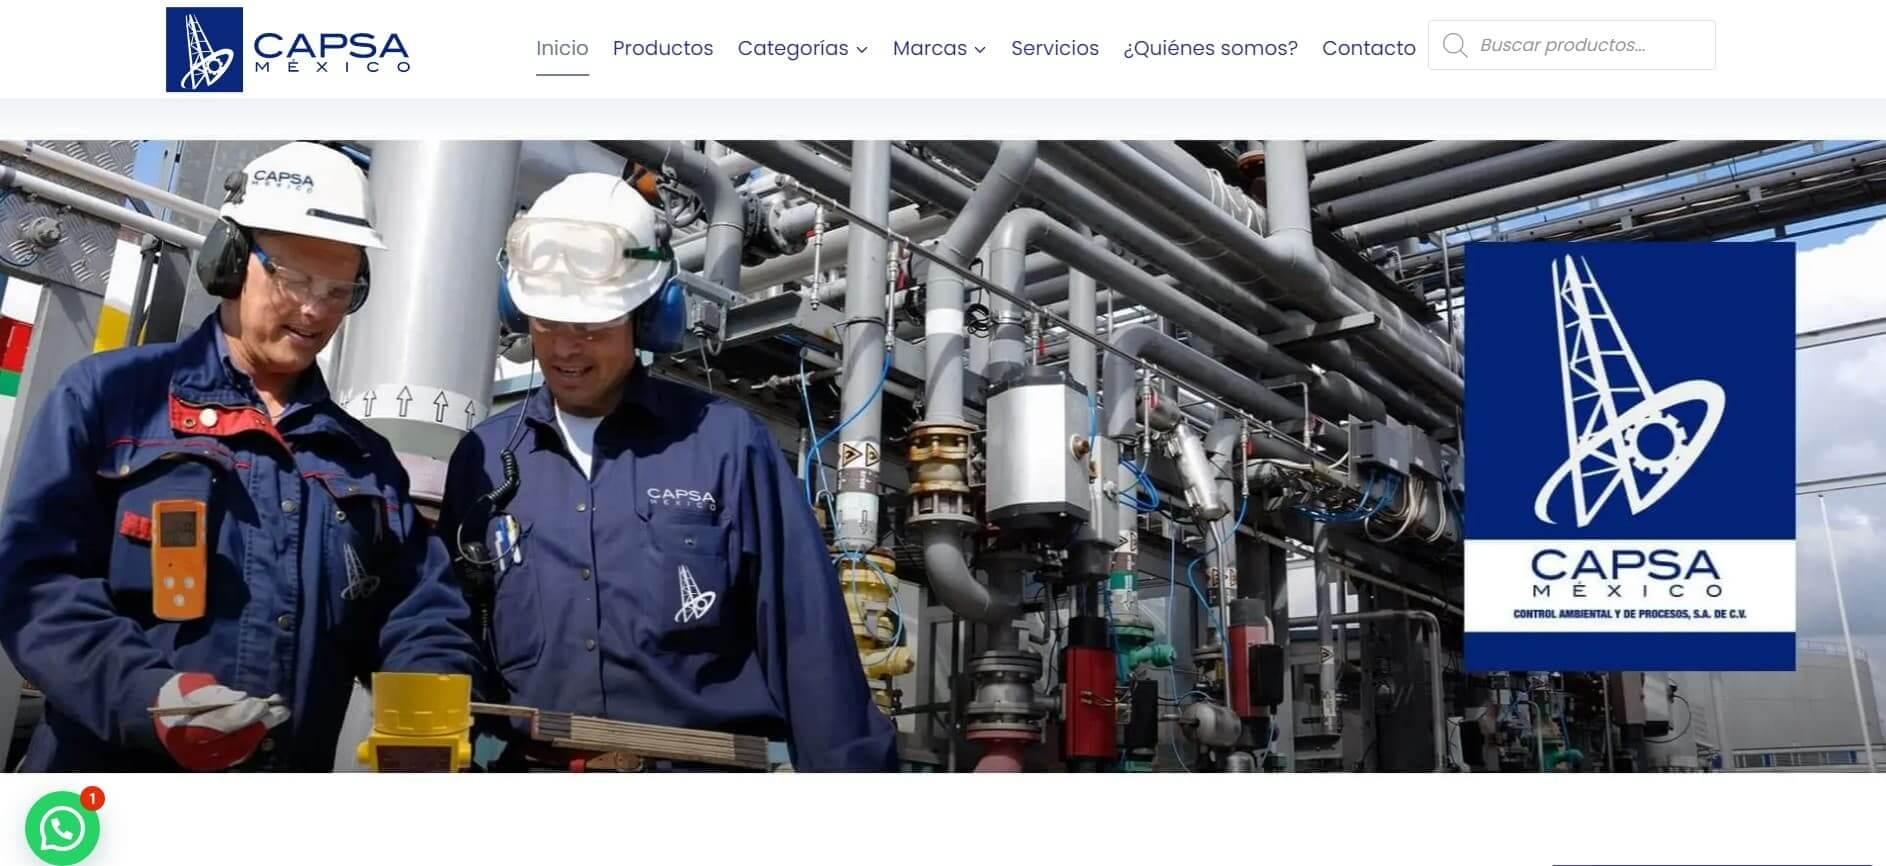 Páginas web, sitios web, SEO, diseño gráfico - Capsa México